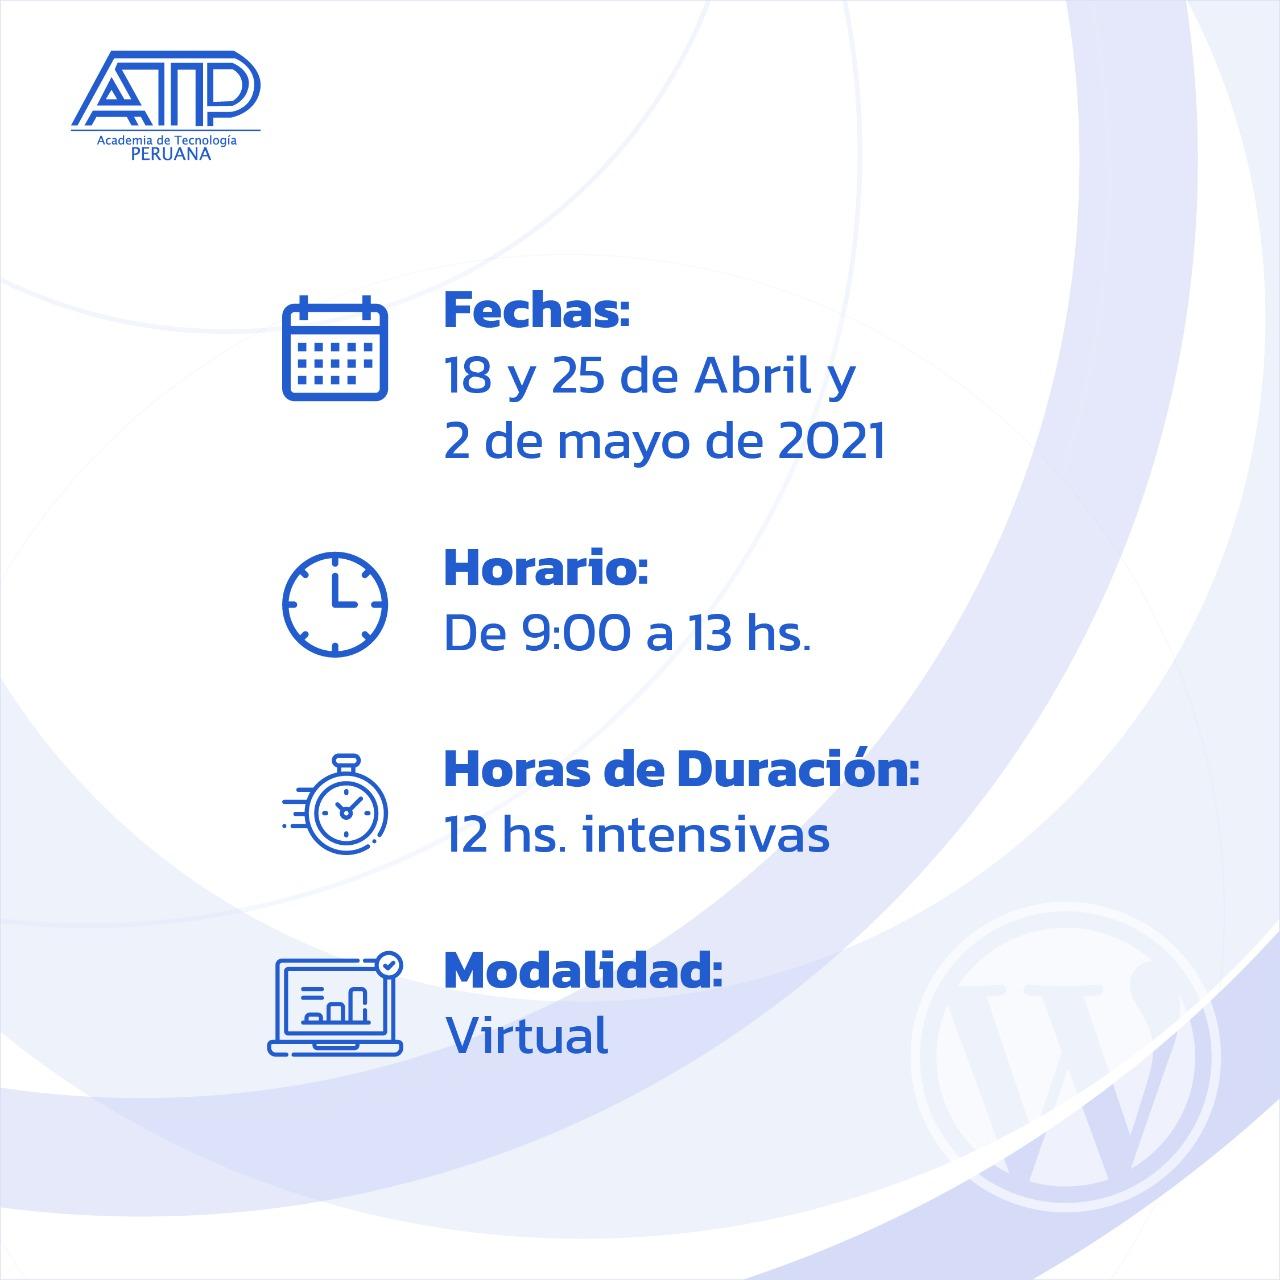 Fecha de la videoconferencia creación de sitios web con WordPress - Academia de Tecnología Peruana